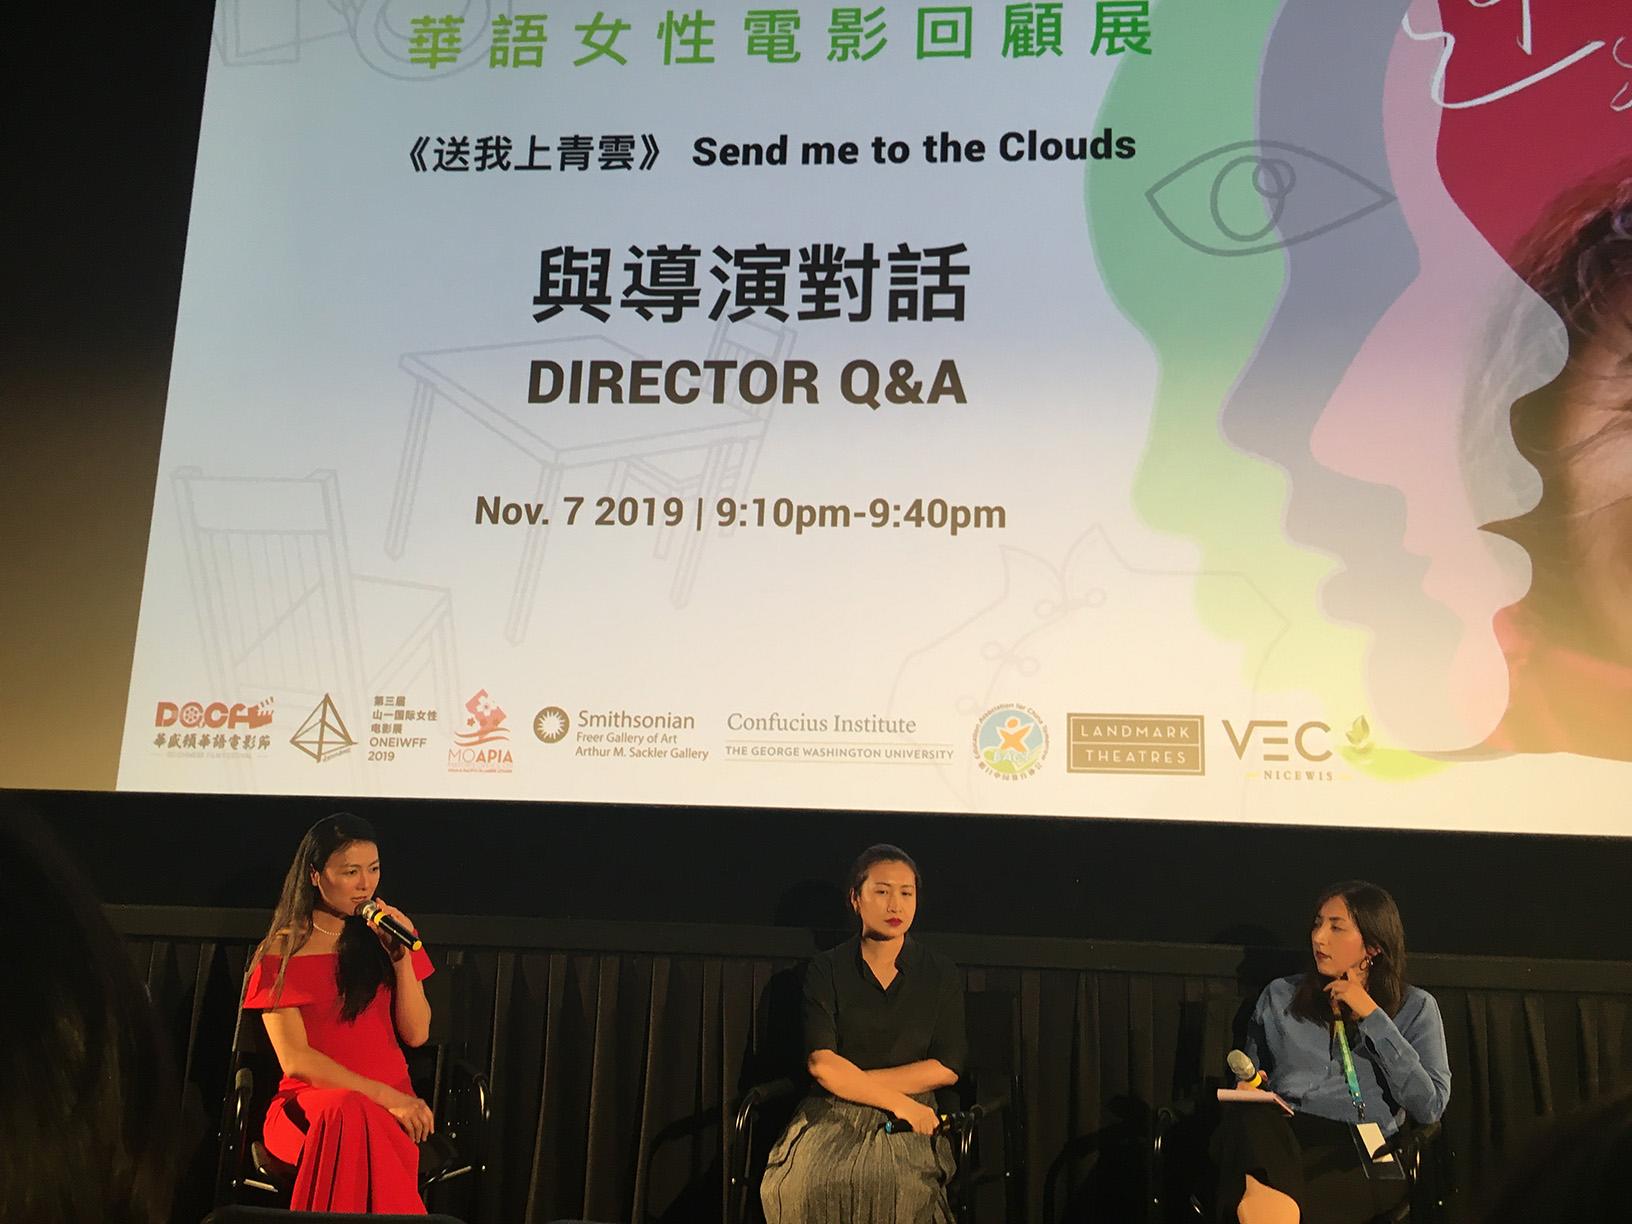 《送我上青雲》的導演滕叢叢在放映會後與觀衆對話。(薛小山)